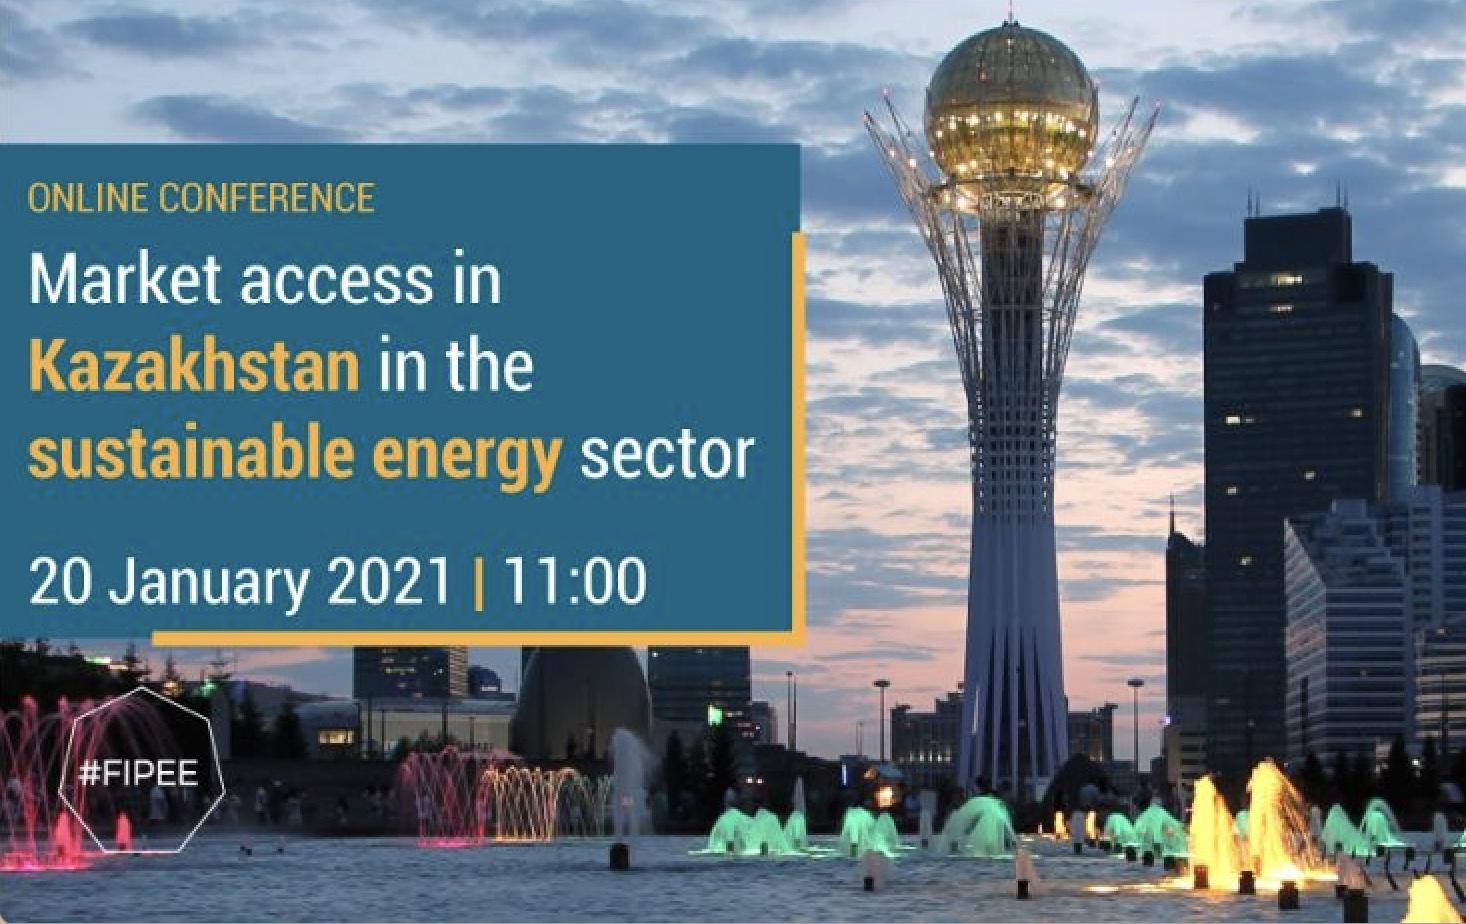 UNIDO ITPO Italy organizza conferenza sulle modalità di accesso al mercato dell'energia sostenibile in Kazakistan